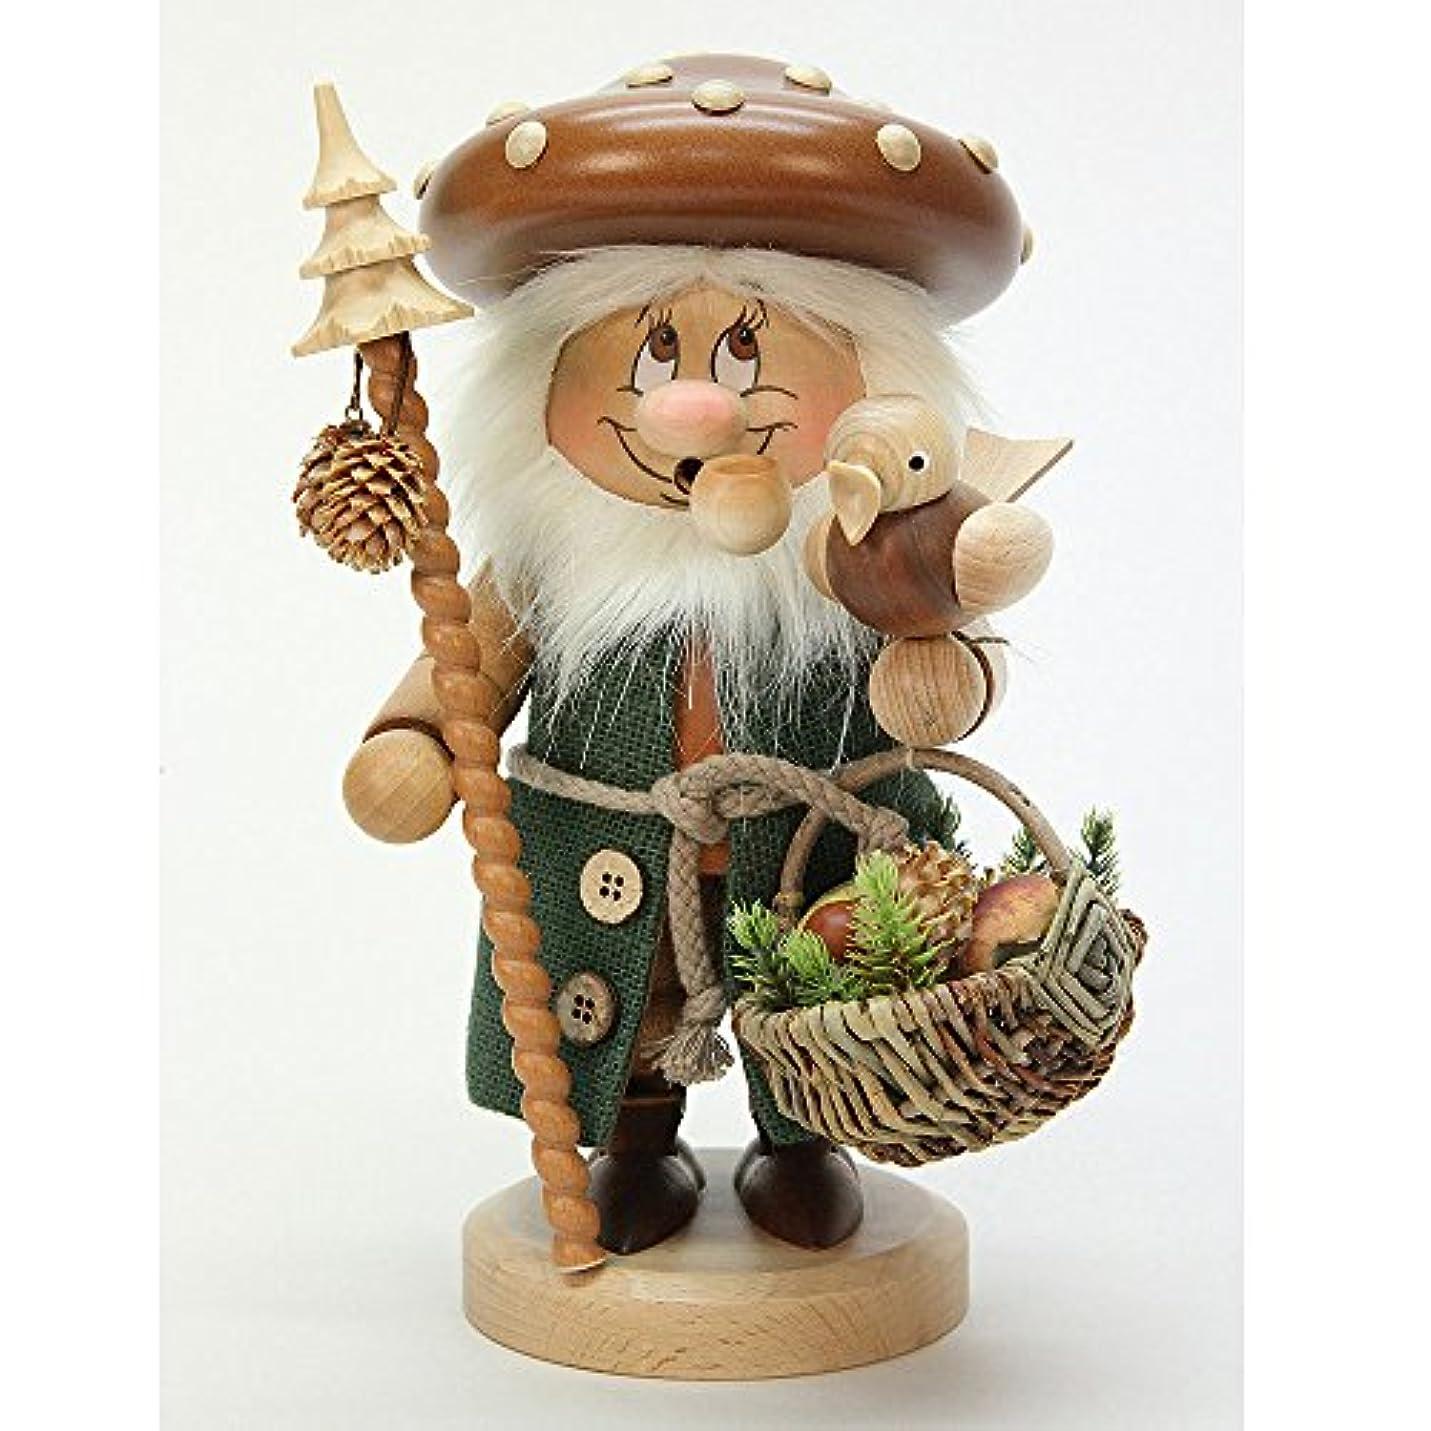 蓮私たちのものアリーナドイツ語喫煙者Incense GnomeマッシュルームMan – 27 cm / 11インチ – Christian Ulbricht